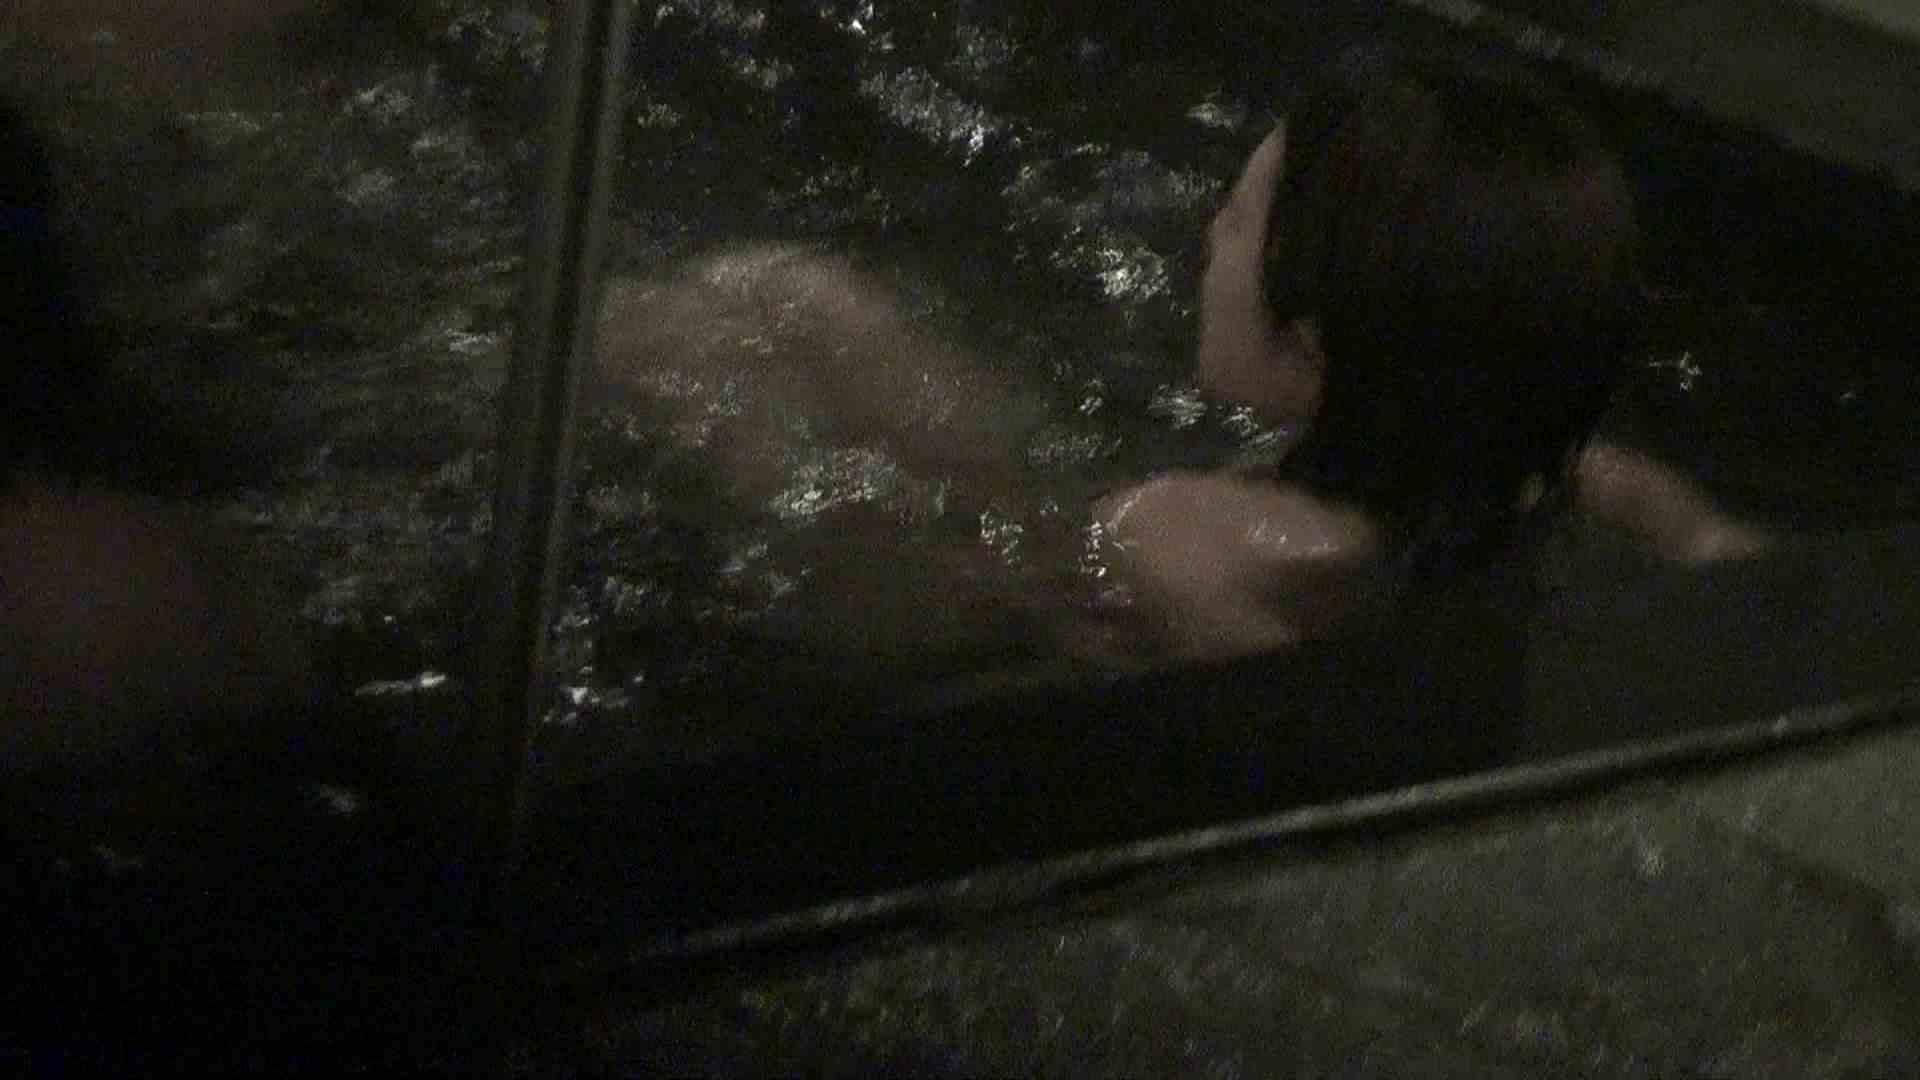 Aquaな露天風呂Vol.411 OLのエロ生活  79連発 27